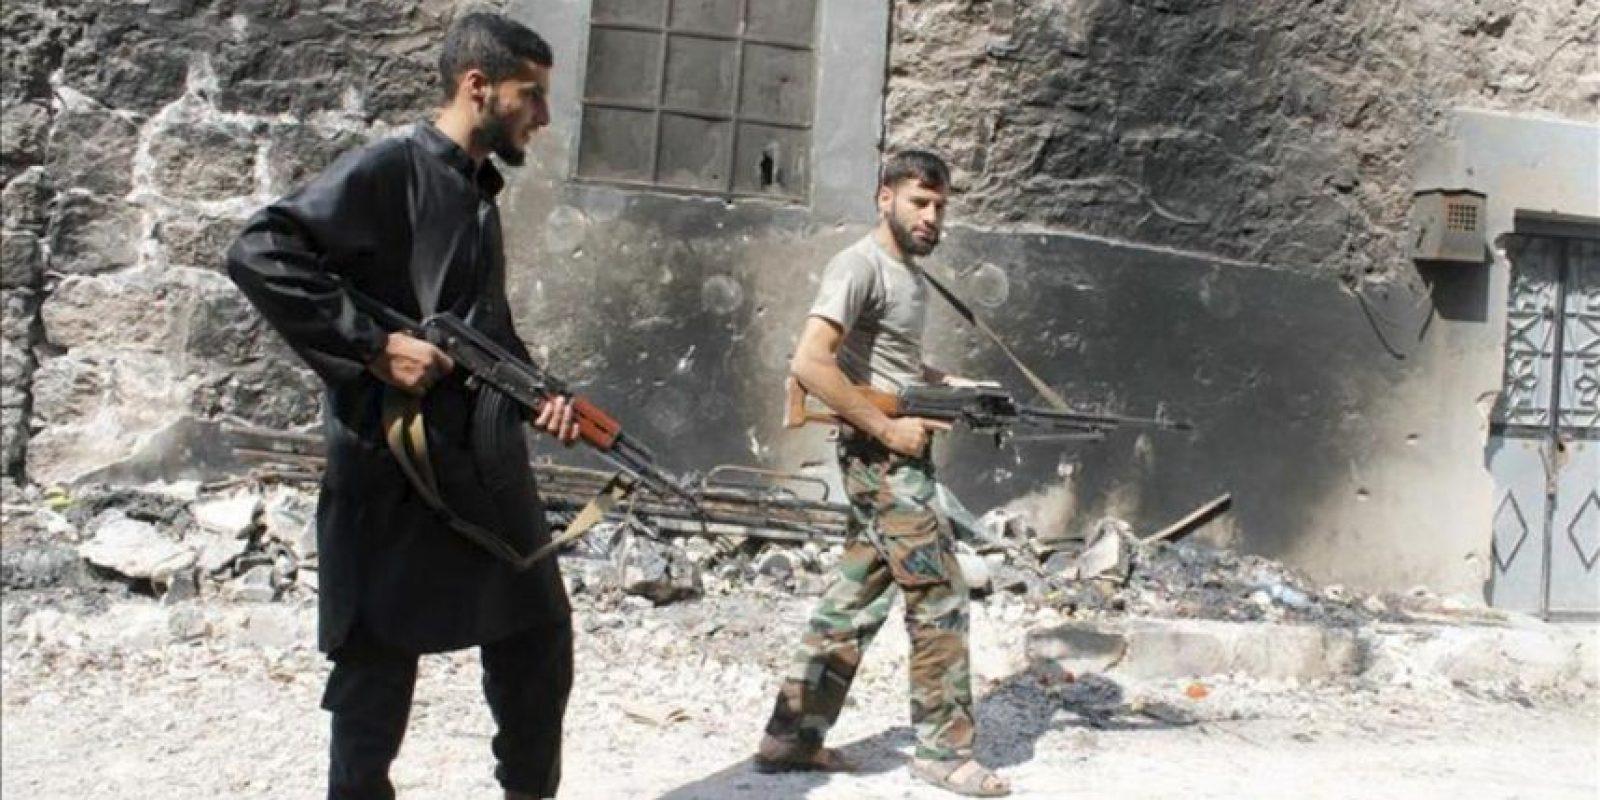 Opositores sirios que se enfrentan a las tropas del régimen de Bashar Al Asad, hoy en el barrio de Sheik Sa'id, al este de Alepo. EFE